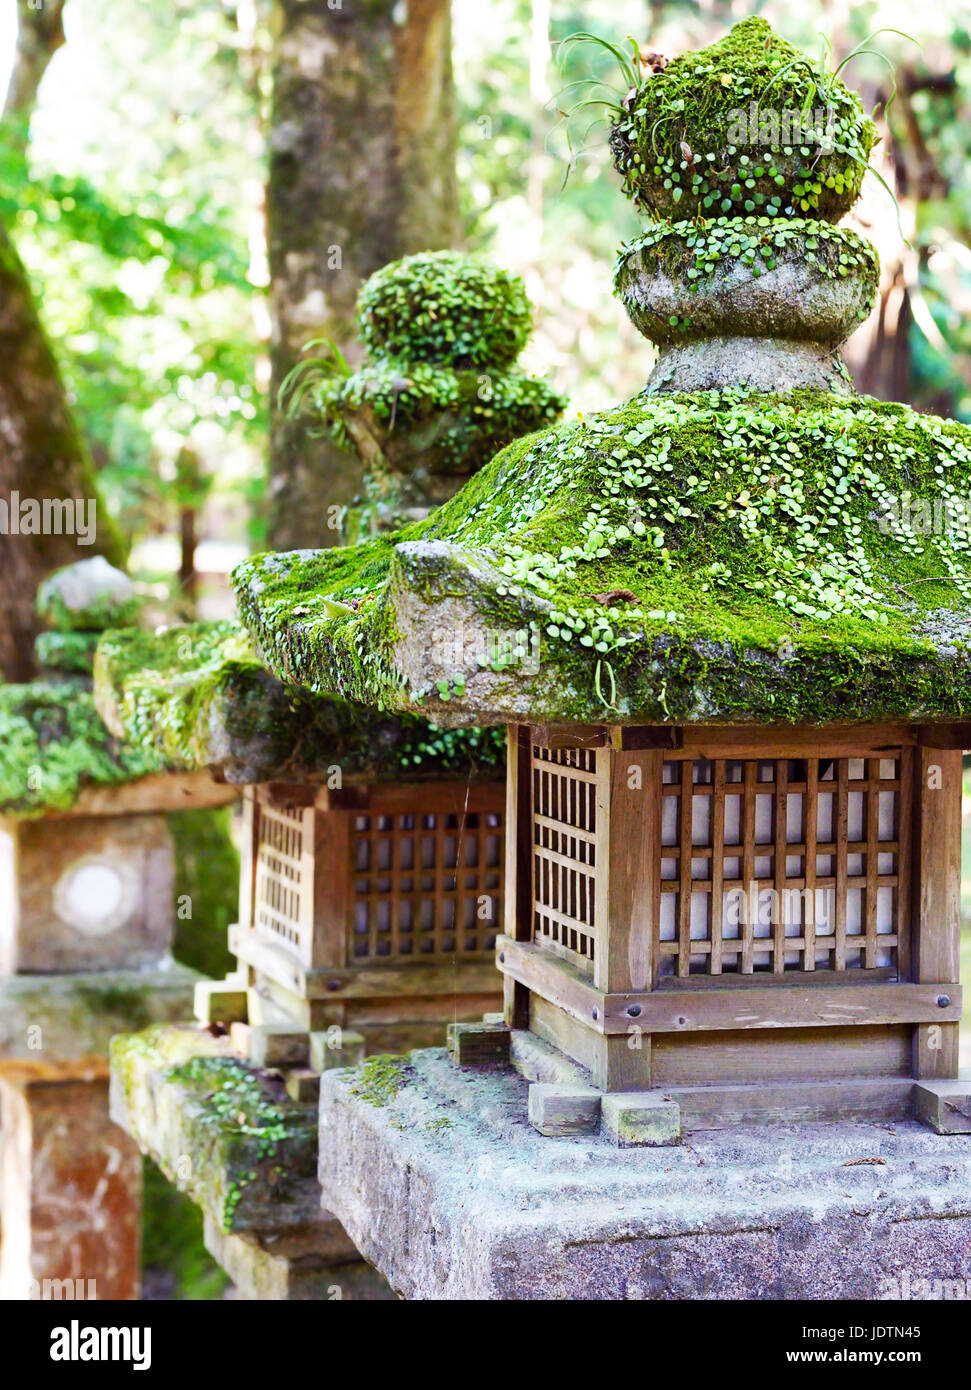 Stone lanterns covered in plants and moss, at Kasuga Taisha Shrine, Nara, Japan - Stock Image